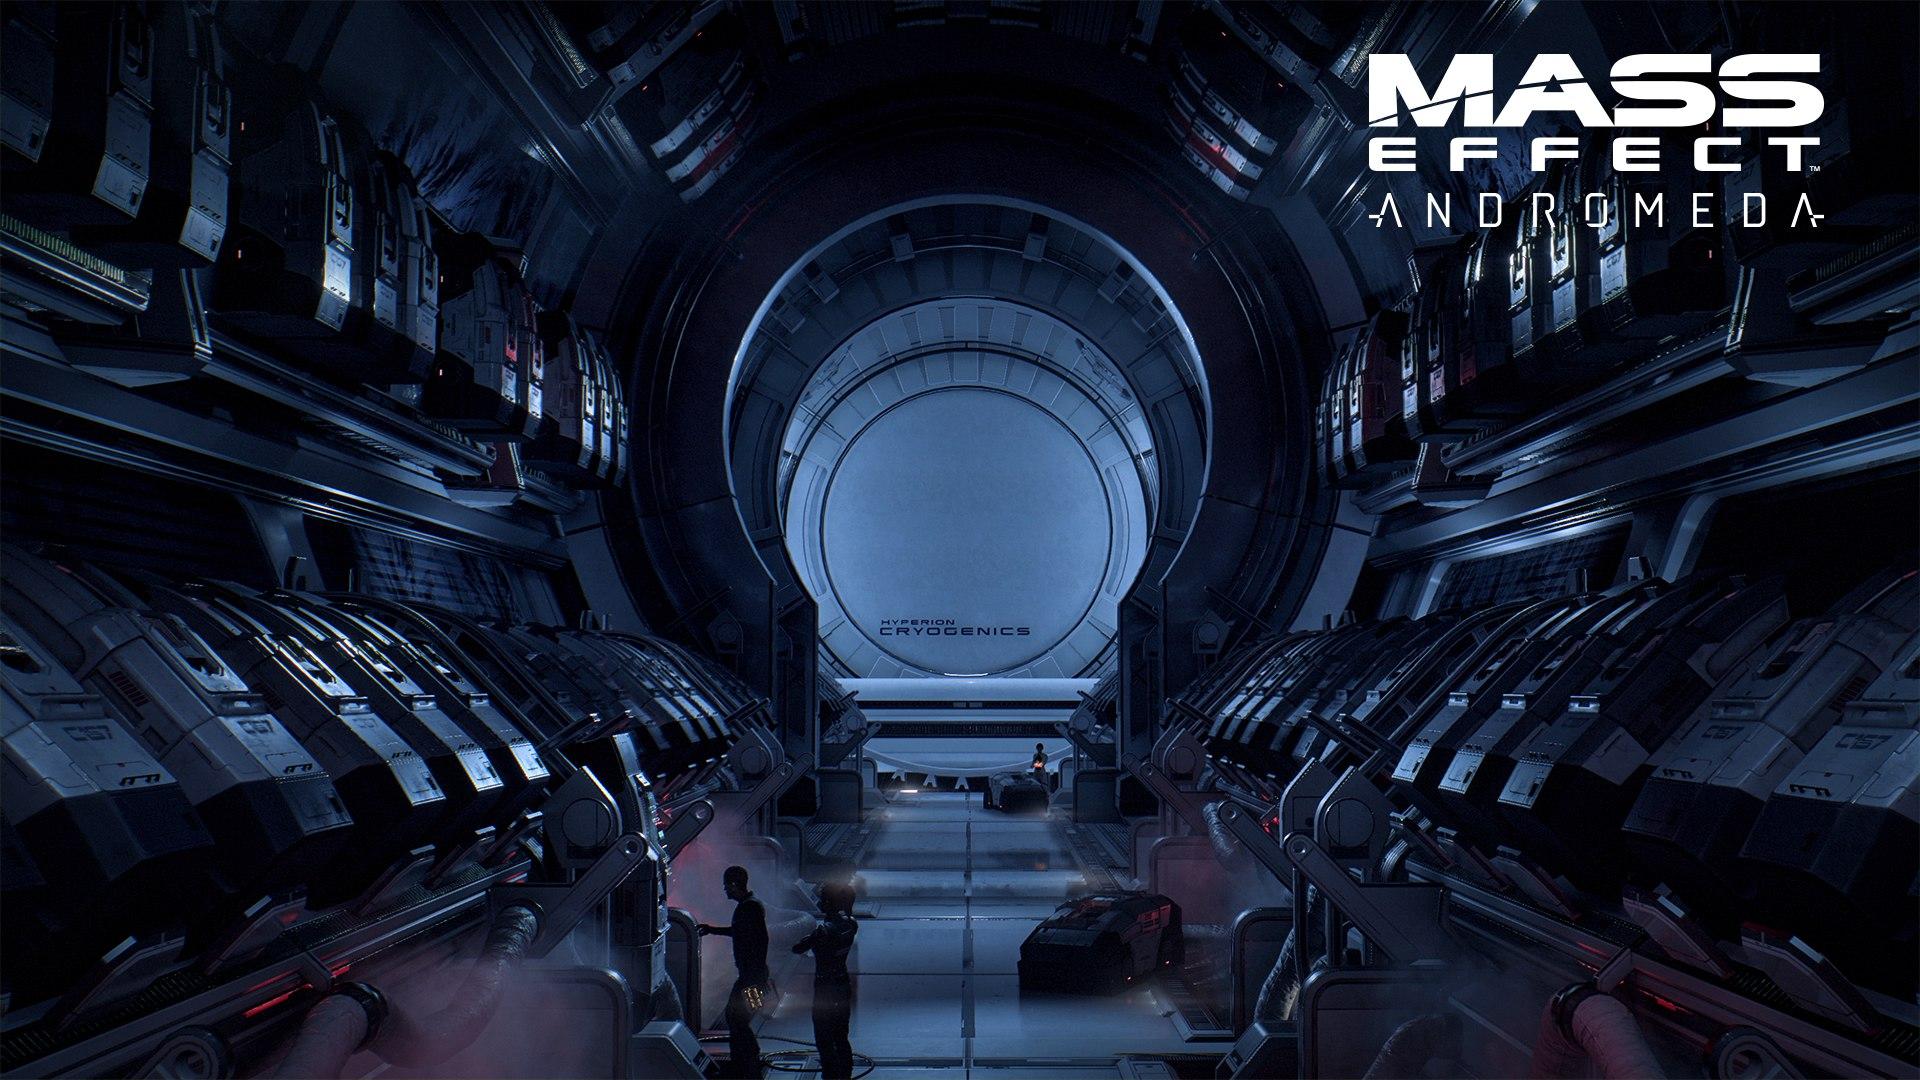 Mass Effect Andromeda Wallpaper Iphone: Mass Effect: Andromeda HD Wallpaper